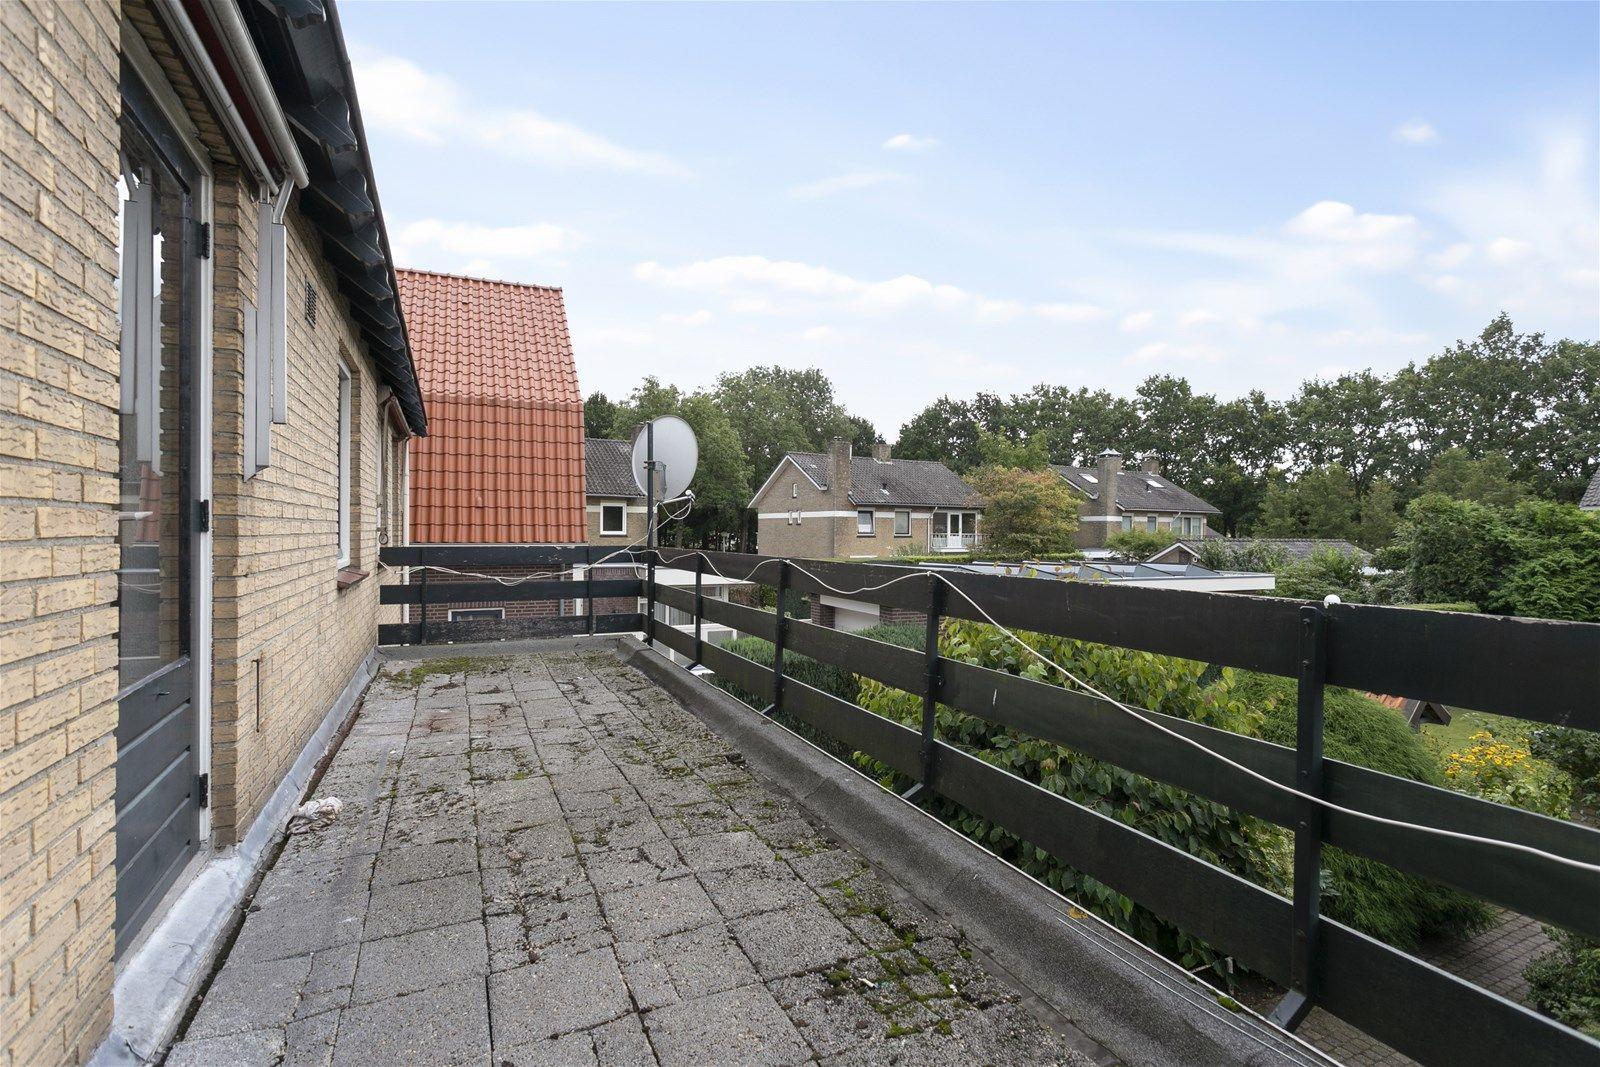 Aan een van de mooiste straten van Etten-Leur, staat deze royale vrijstaande kluswoning met grote garage en tuin op het zuiden. De woning is gelegen op een perceel van 536 m² en dat op loopafstand van het centrum met al haar voorzieningen.  De woning heeft een zeer ruime living met haard, veel raampartijen en een grote schuifpui welke je niet alleen in directe verbinding brengen met de achtertuin maar ook nog eens veel lichtinval creeren. Verder beschikt de begane grond nog over een grote leefkeuken en toiletruimte. De eerste verdieping heeft vier slaapkamers, een badkamer, separaat toilet en een balkon. Via een vaste trap bereik je de tweede verdieping met twee slaapkamers en extra bergruimte.  Door de speelse indeling biedt deze woning een tal aan mogelijkheden.  Wel dient men rekening te houden met verbouwing- en of moderniseringskosten.  BEGANE GROND Entree/hal met toegang tot de toiletruimte, woonkamer en vaste trap naar de 1e verdieping. Afwerking- tegelvloer en Spachtelputz wanden. Meterkast- 12 groepen, 4 aardlekschakelaars en 2 krachtstroomgroepen.  Toiletruimte met fonteintje.  Afwerking- tegelvloer, betegelde wanden en een houten schroten plafond.  Zeer ruime woonkamer met veel raampartijen en een grote schuifpui naar de achtertuin. Deze brengen je niet alleen in directe verbinding met de achtertuin maar creeren ook veel lichtinval. Afwerking- eiken parket vloer, granol op de wanden en een balken plafond met spots.  Eenvoudige keuken uitgerust met een kunststof aanrechtblad, 1 spoelbak, koelkast, vaatwasser, 4 pits keramische kookplaat, combimagnetron en een afzuigkap. Afwerking- tegelvloer, Spachtelputz wanden en een kunststof plafond.  EERSTE VERDIEPING Overloop met toegang tot vier slaapkamers, de badkamer, toiletruimte en een vaste trap naar de tweede verdieping. Via een loopdeur is teven het balkon toegankelijk. Afwerking- vloerbedekking, Granol op de wanden en een houten schroten plafond.  Slaapkamer 1- voorzien van een wastafel. Afwerking- vloerbed